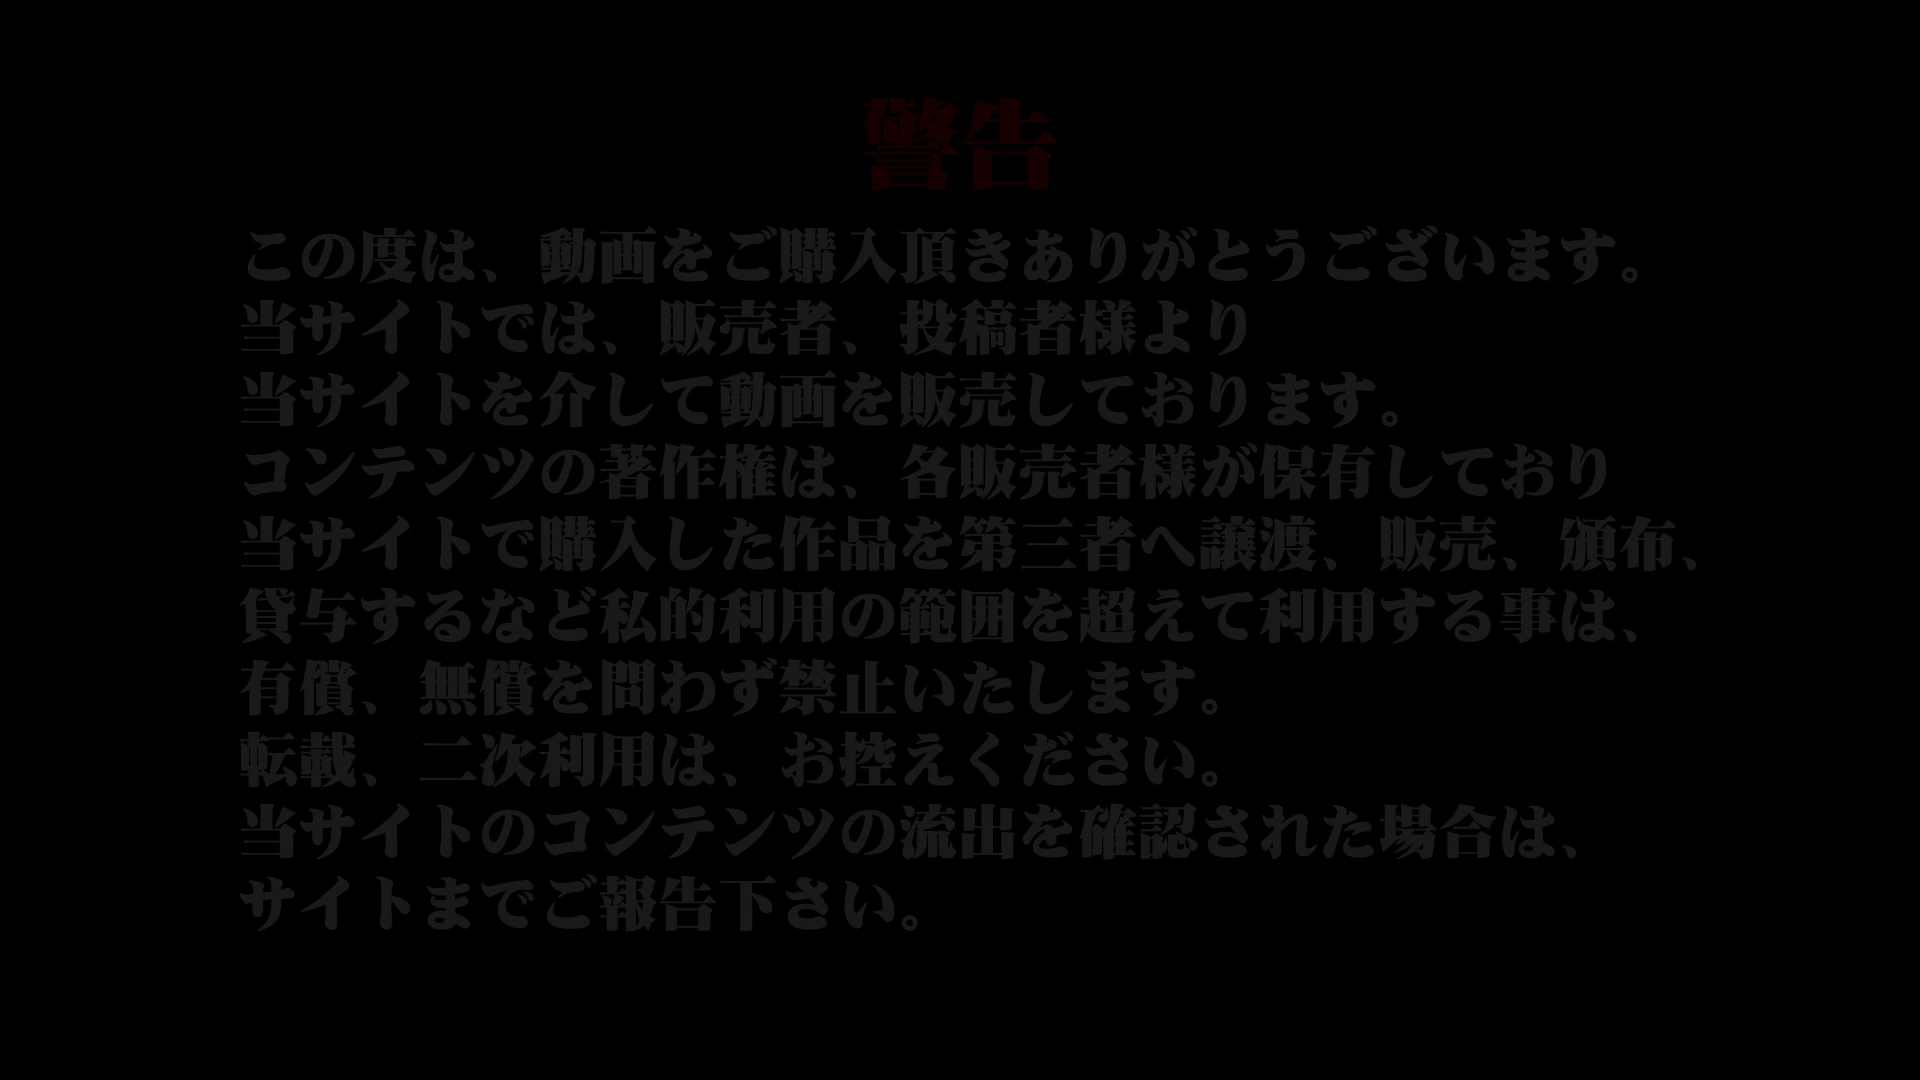 ギャルのパンチラ 美女の痴態に密着!Vol.15 美女 盗撮動画紹介 105pic 4